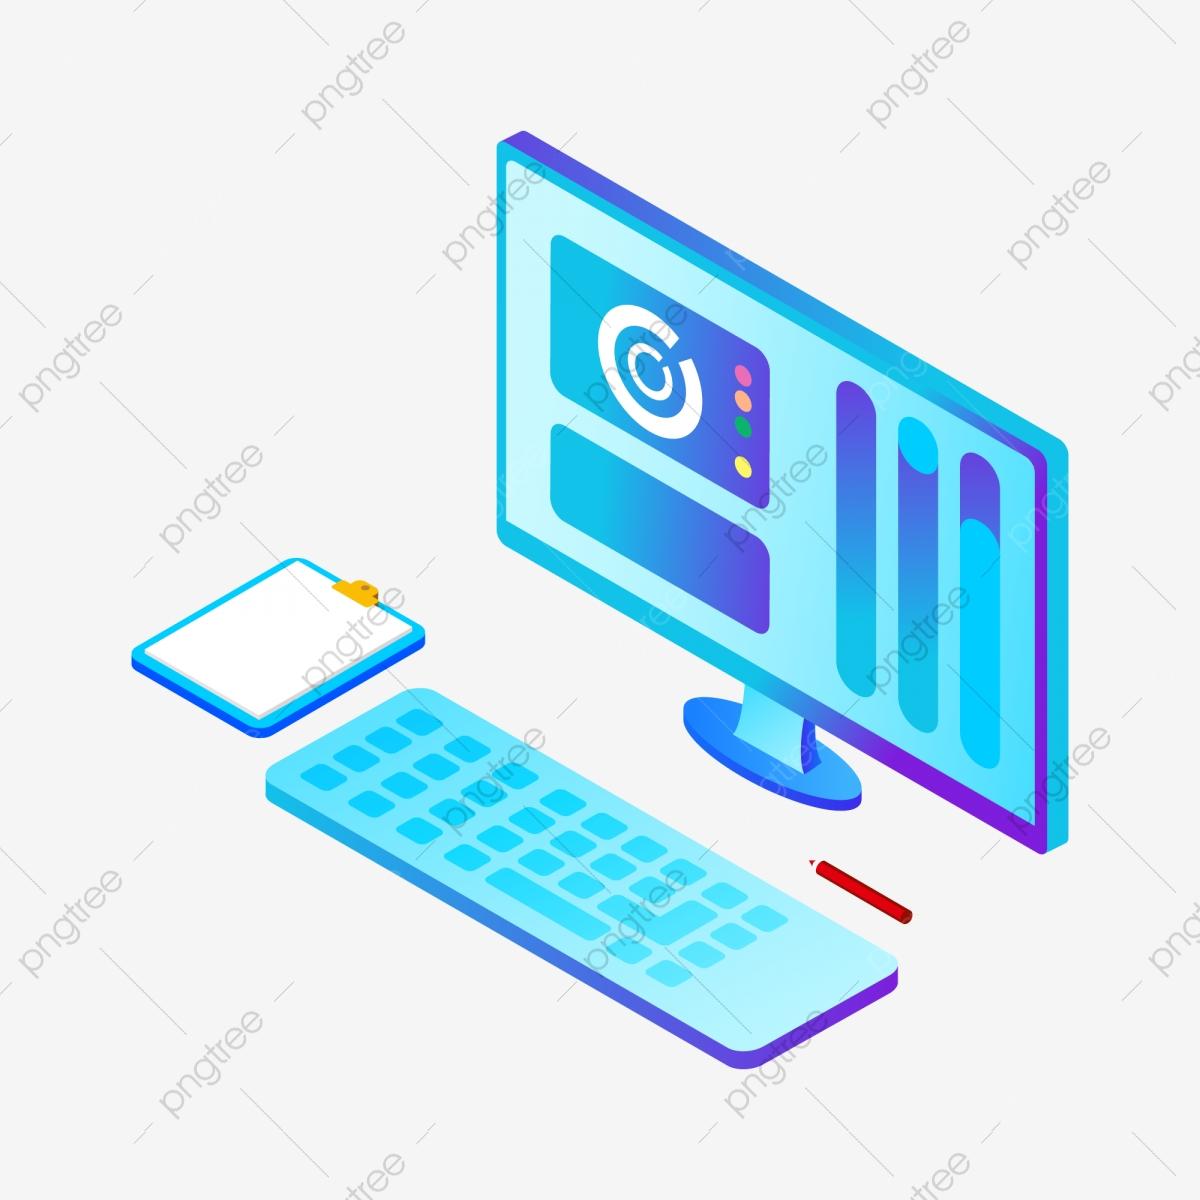 Thông báo đợt 24 năm 2019 về việc trang bị thiết bị tin học cho UEH